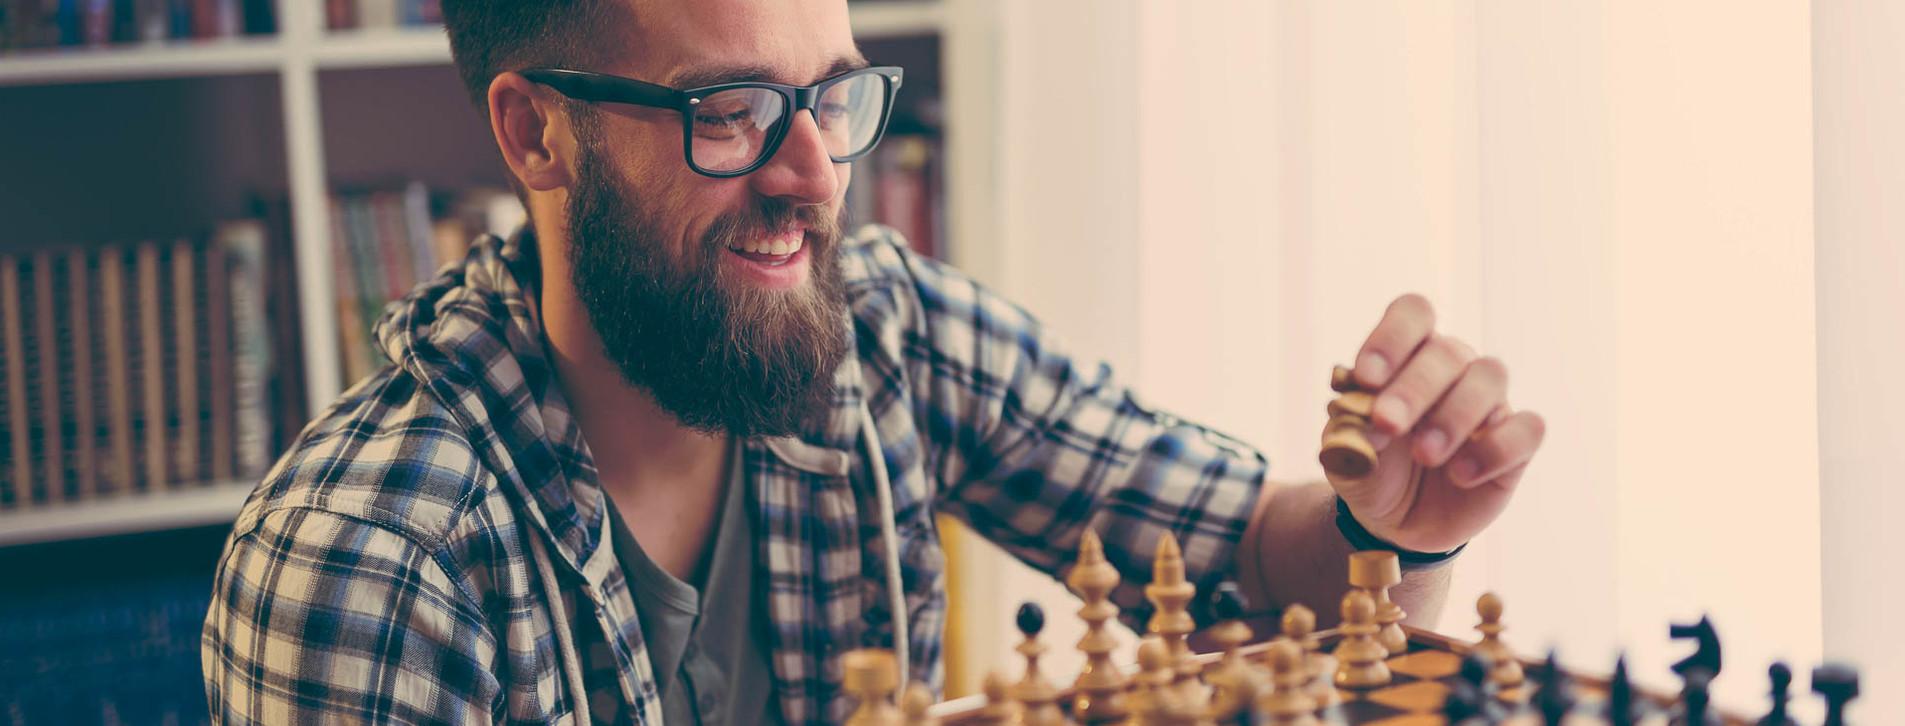 Фото - Мастер-класс игры в шахматы